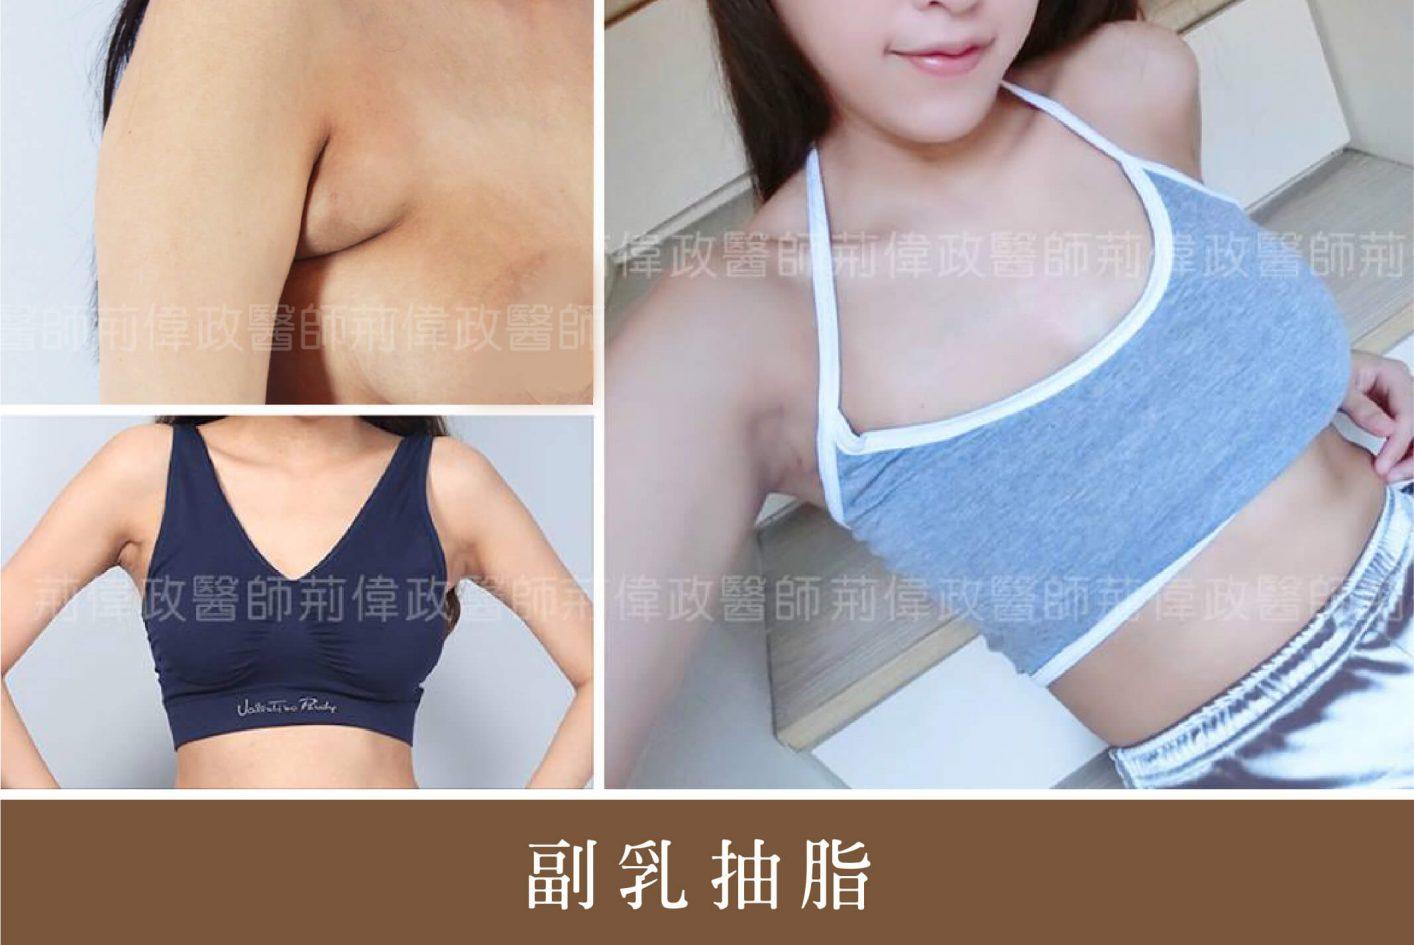 抽脂手術|副乳抽脂|消除副乳